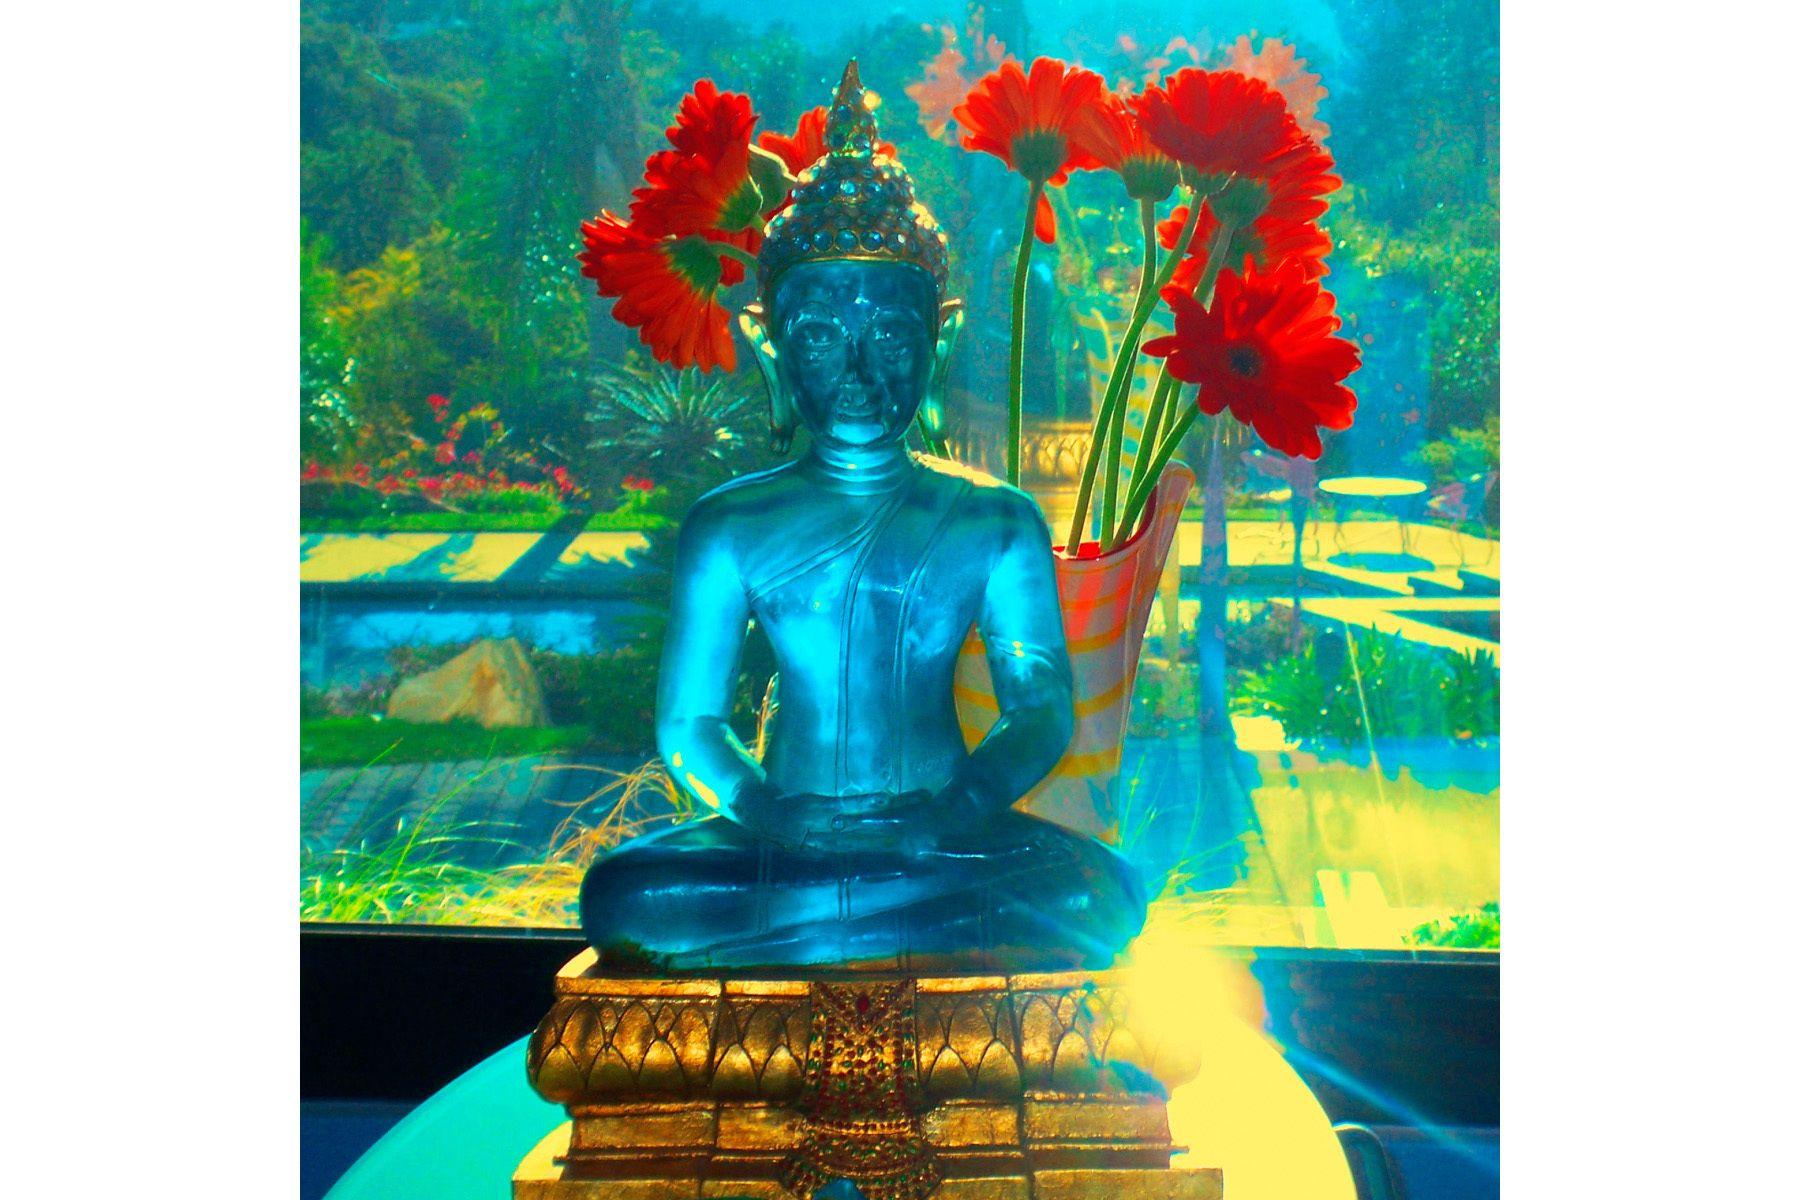 17_0_94_1hsh_gottlieb_buddha.jpg